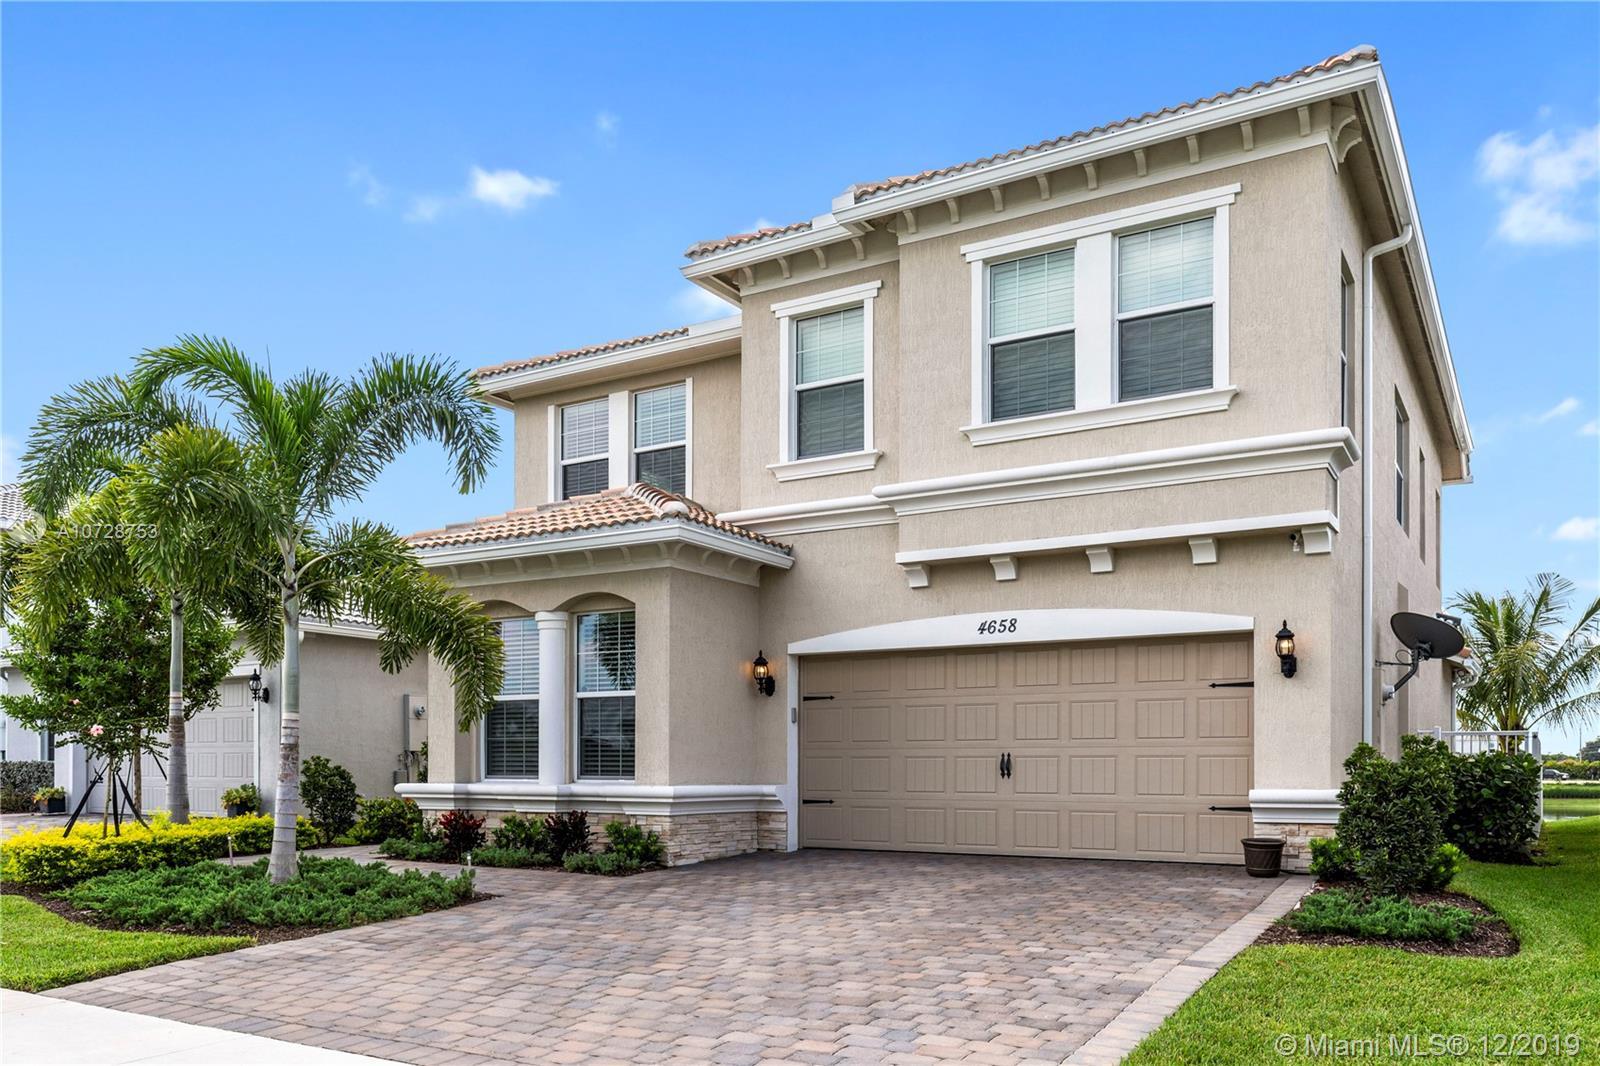 4658 Greenway Dr, Hollywood, FL 33021